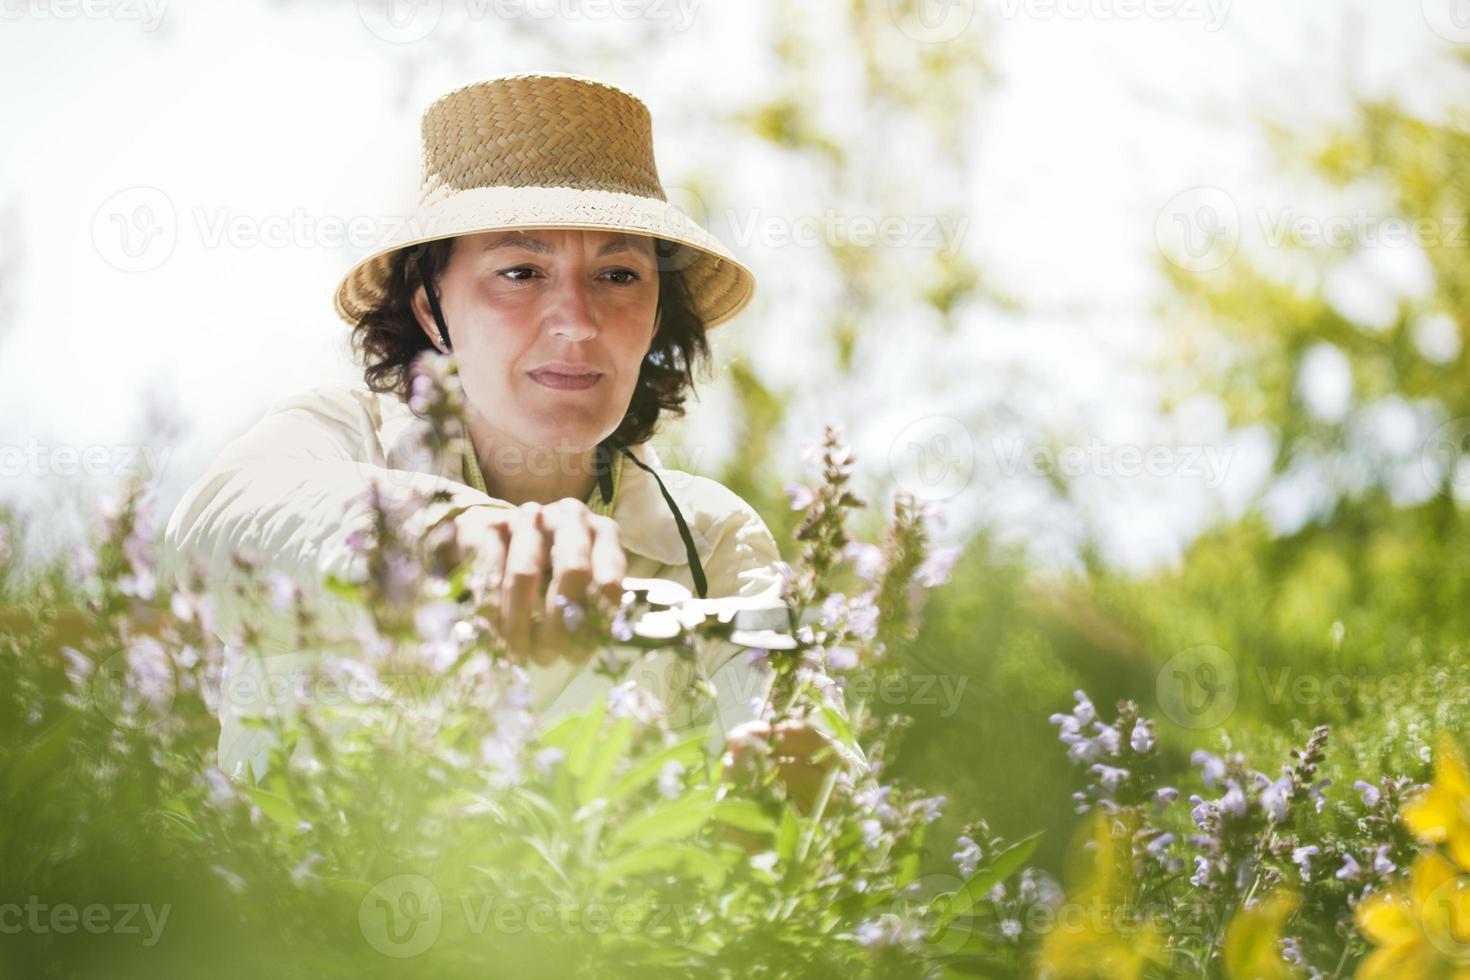 mulher bonita, poda de flores no jardim foto